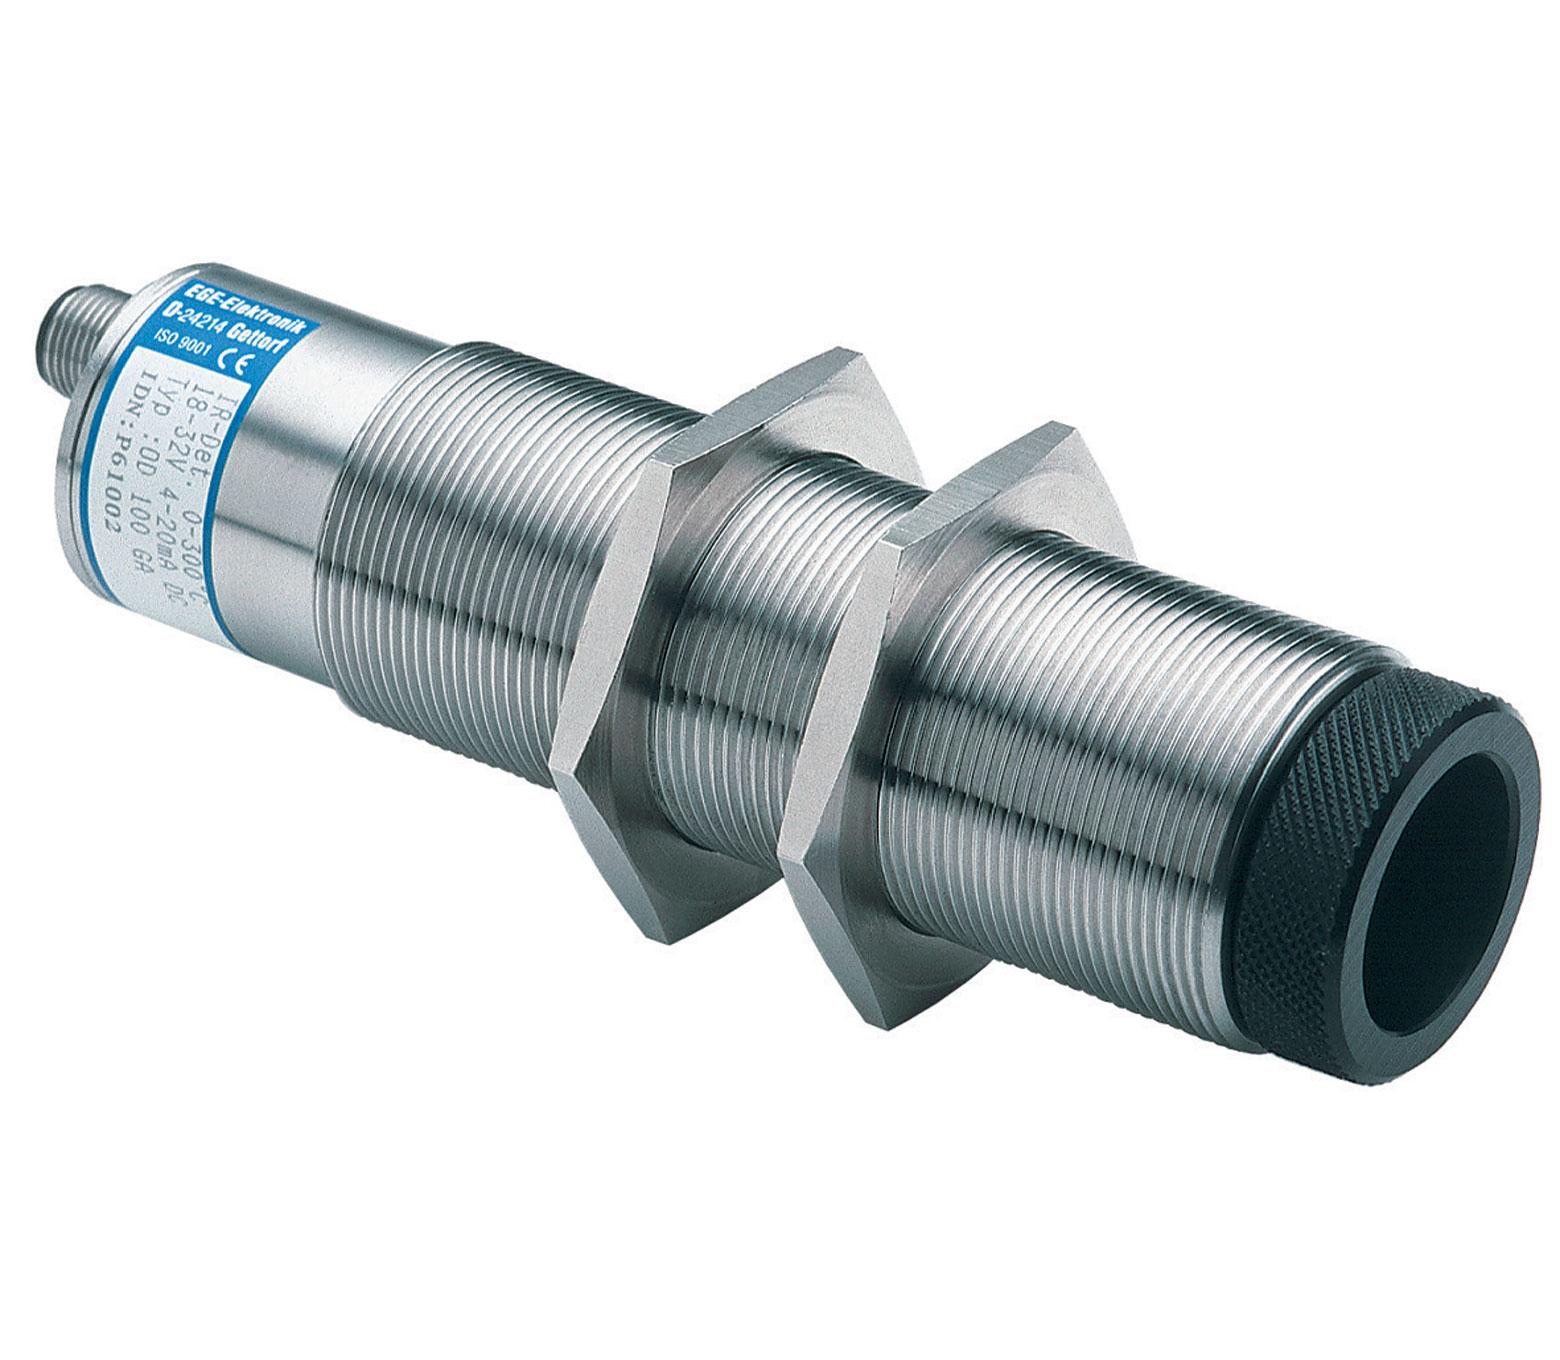 ege f670 OD 100 Infrarot Sensor WINGOLD MESSTECHNIK